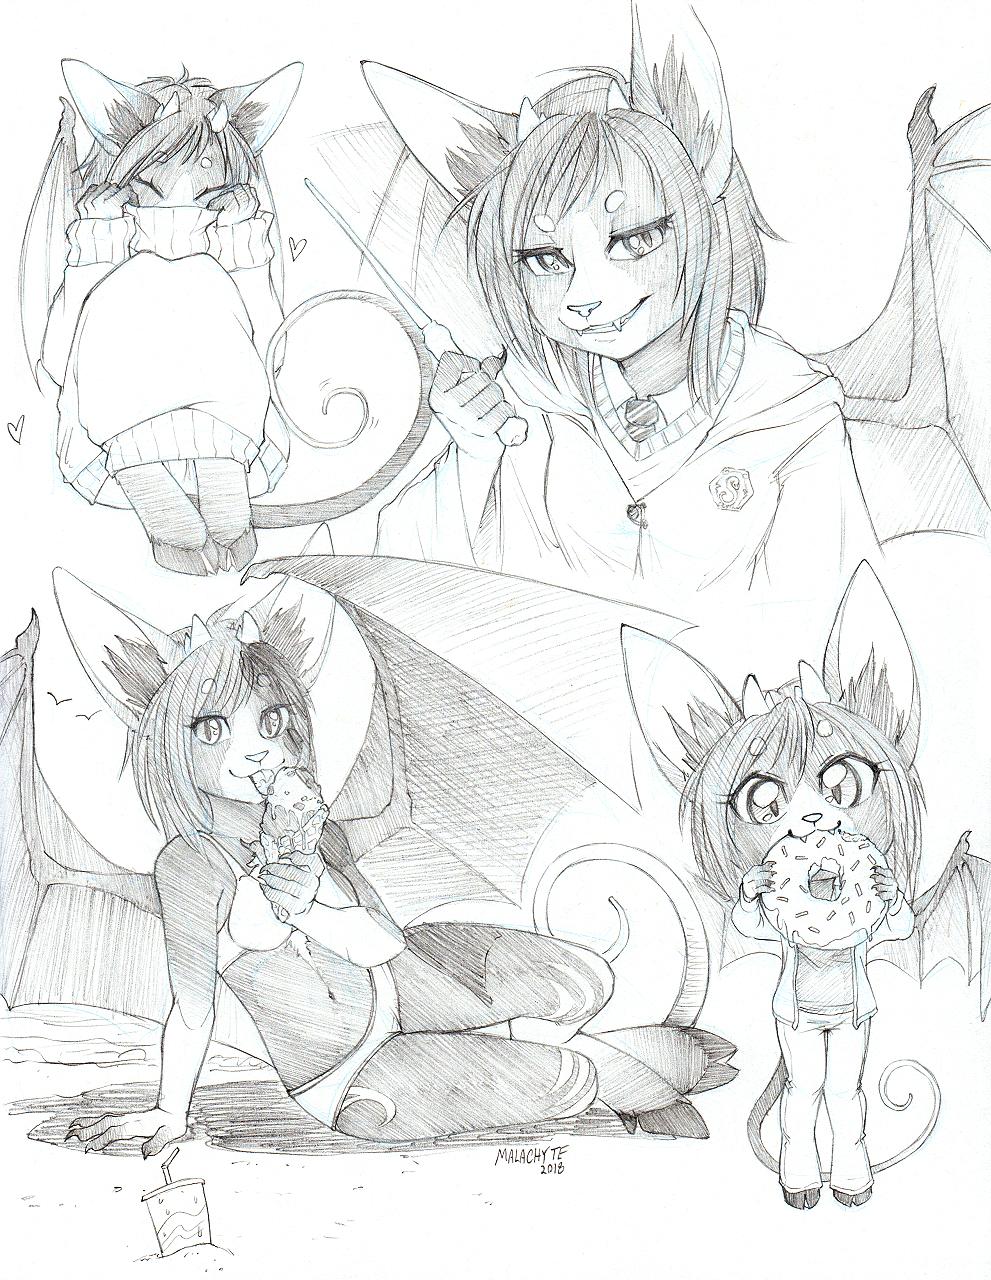 [CM] Nix Sketch Page